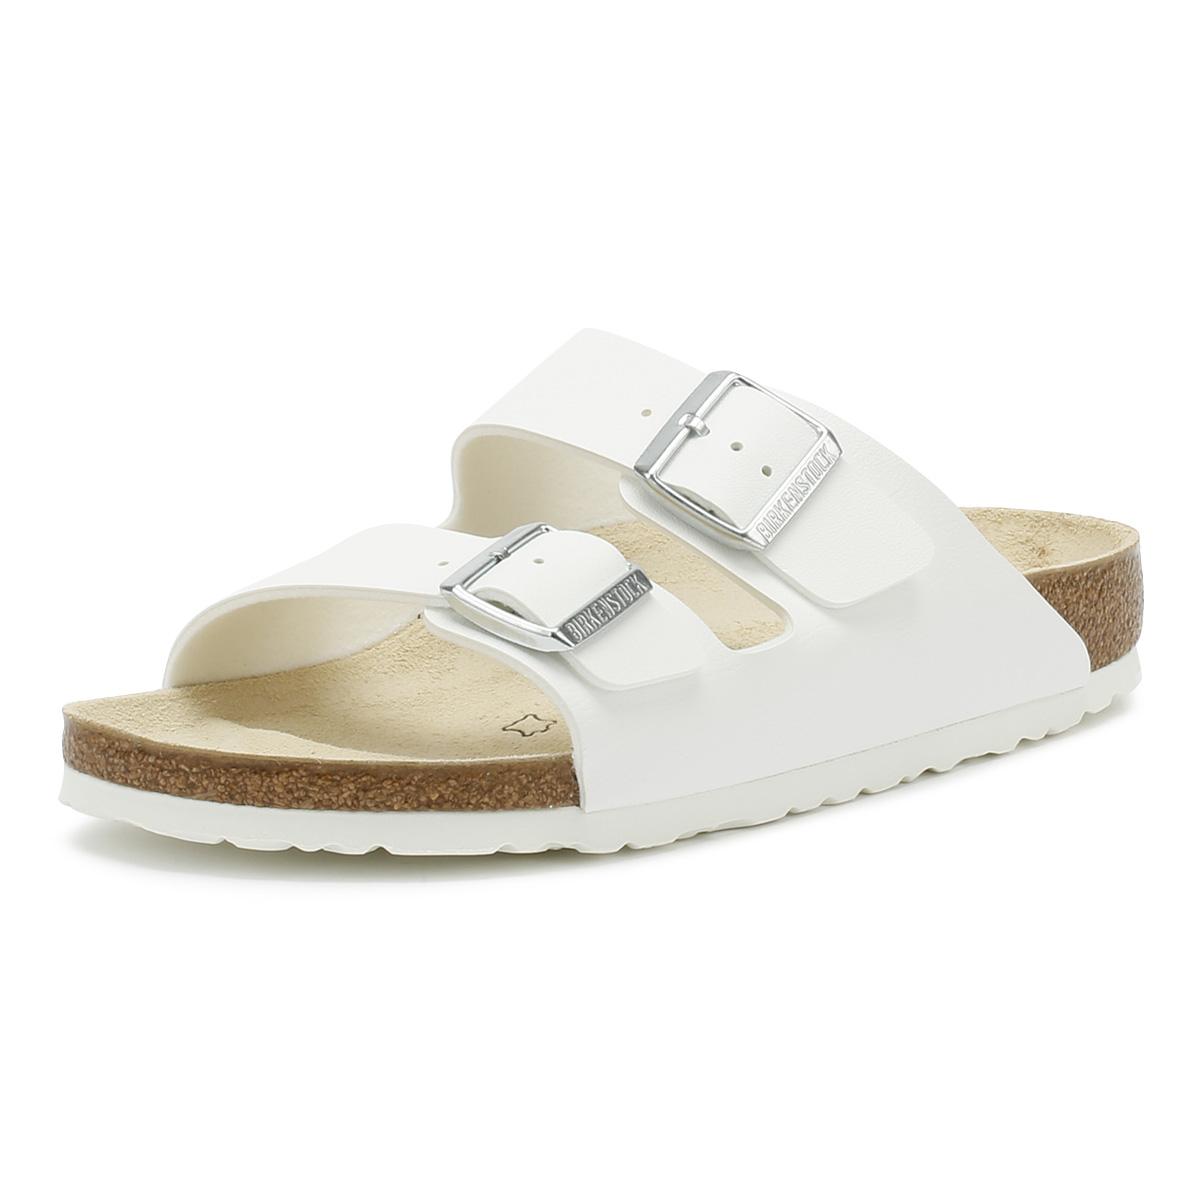 3459cfb6e71e56 Details about Birkenstock White Arizona Birko Flor Sandals Unisex Summer  Casual Shoes